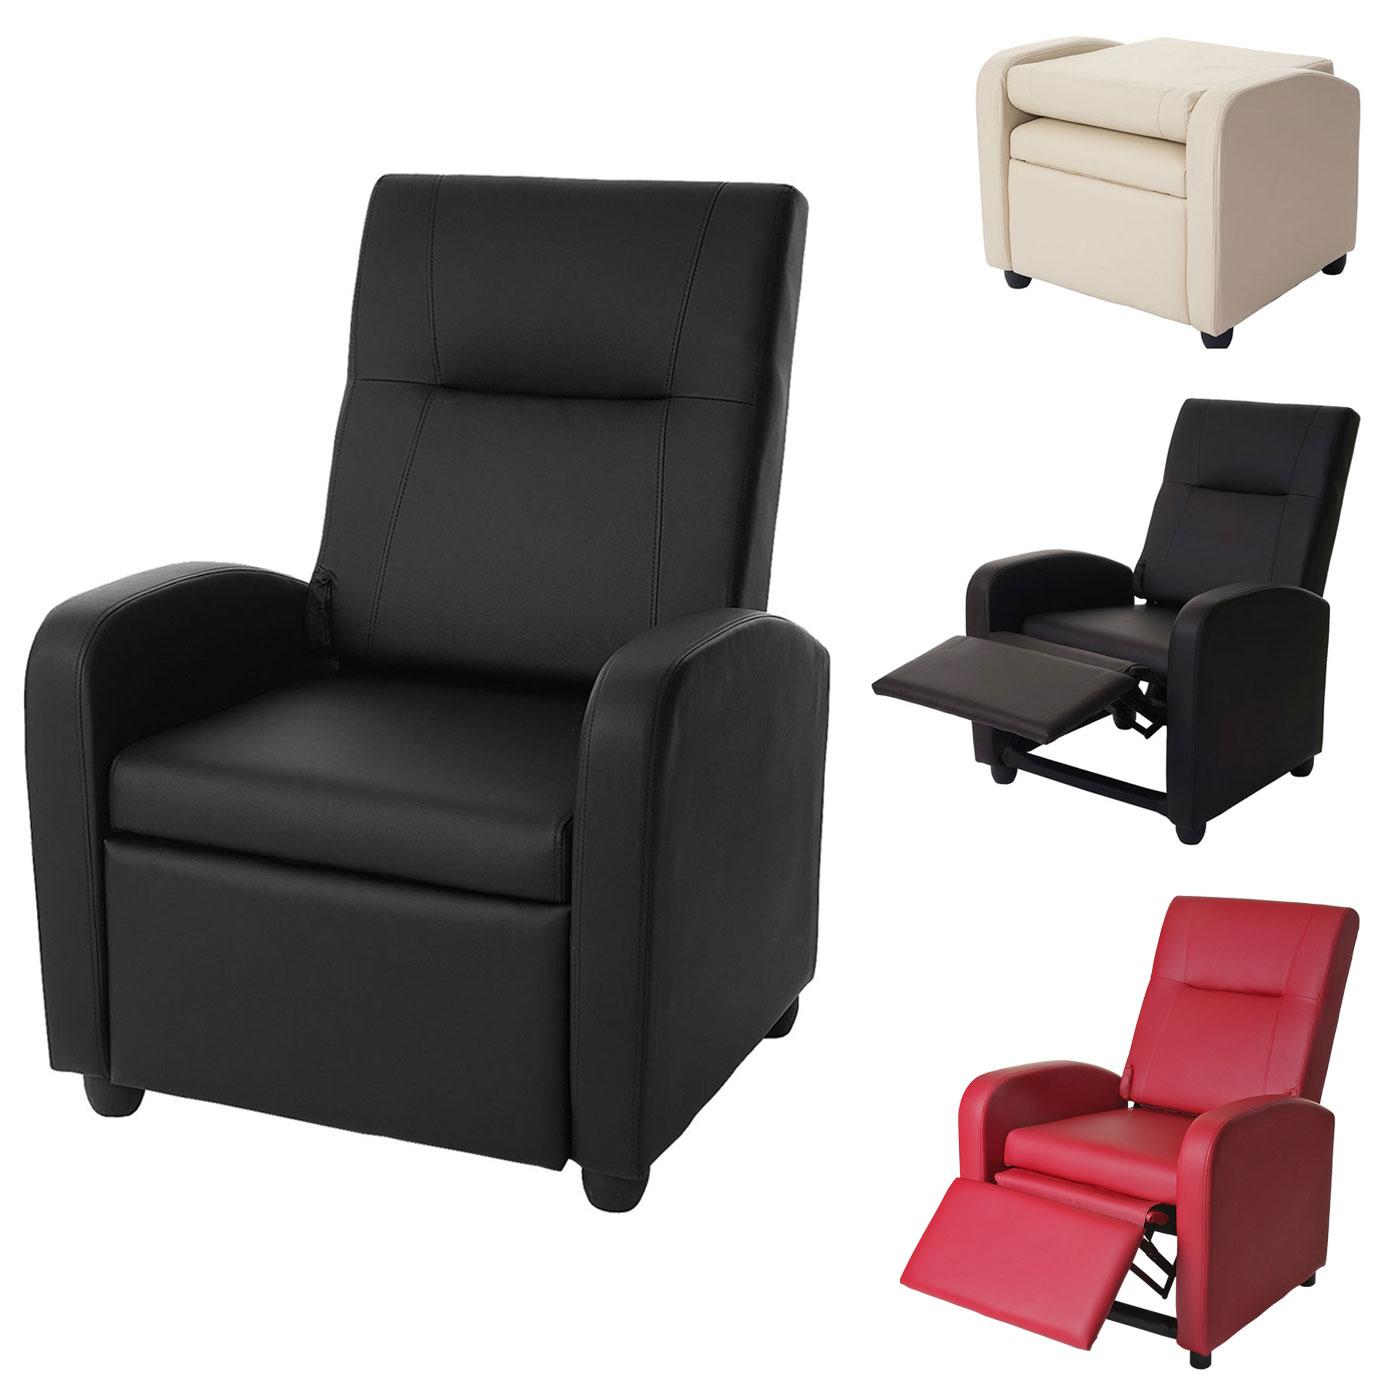 fernsehsessel sitzh he 55 cm bestseller shop f r m bel. Black Bedroom Furniture Sets. Home Design Ideas